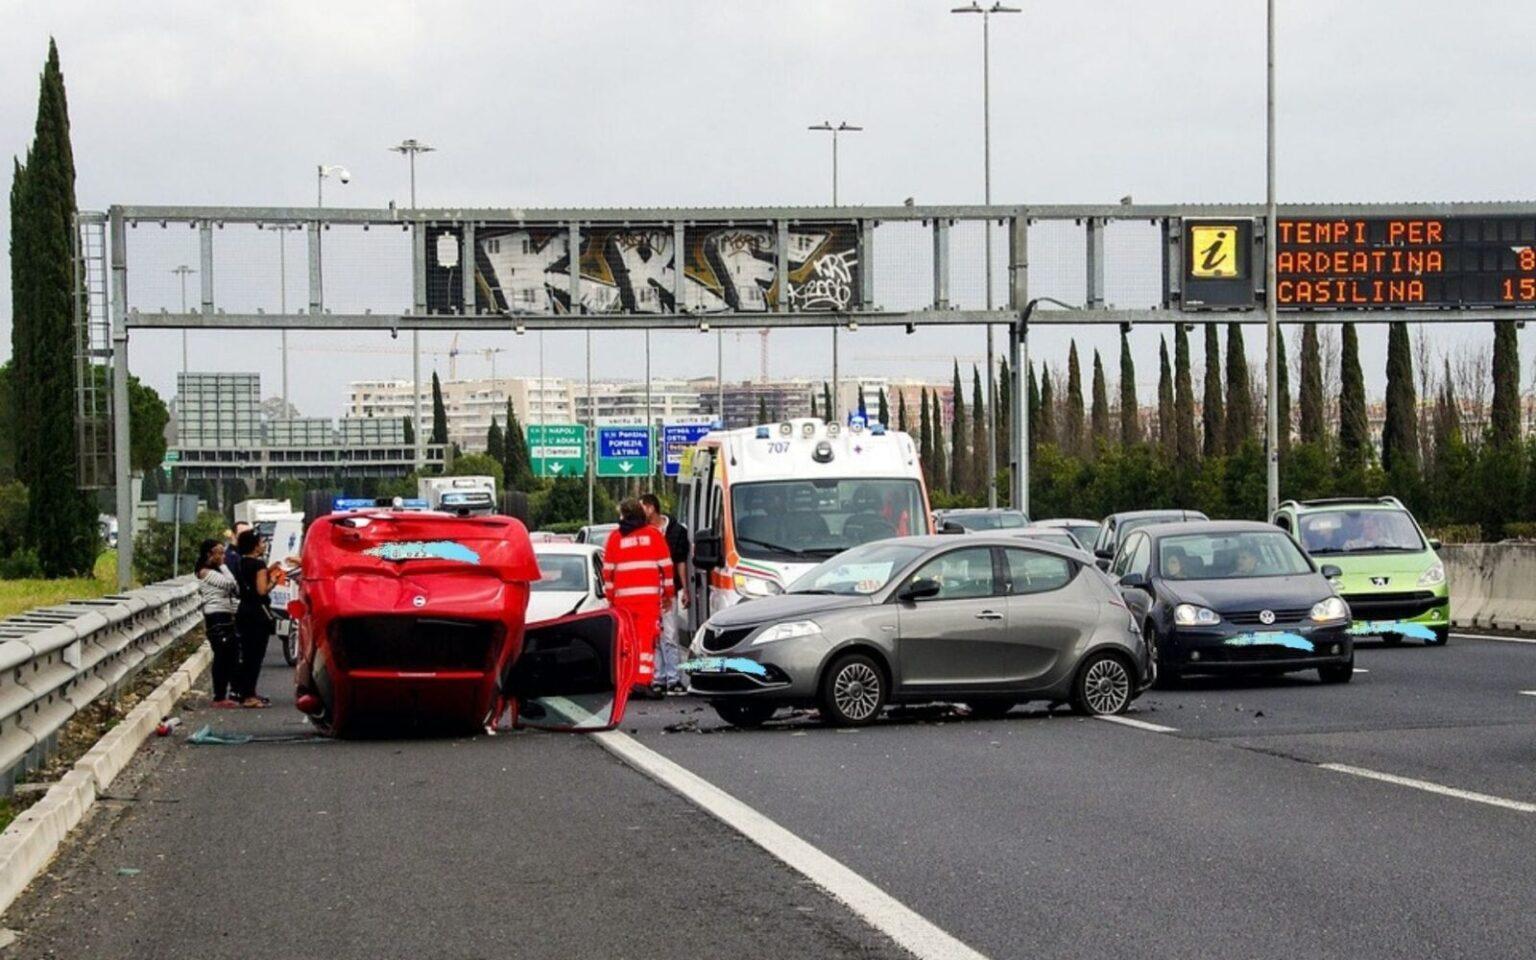 Foto di un incidente stradale